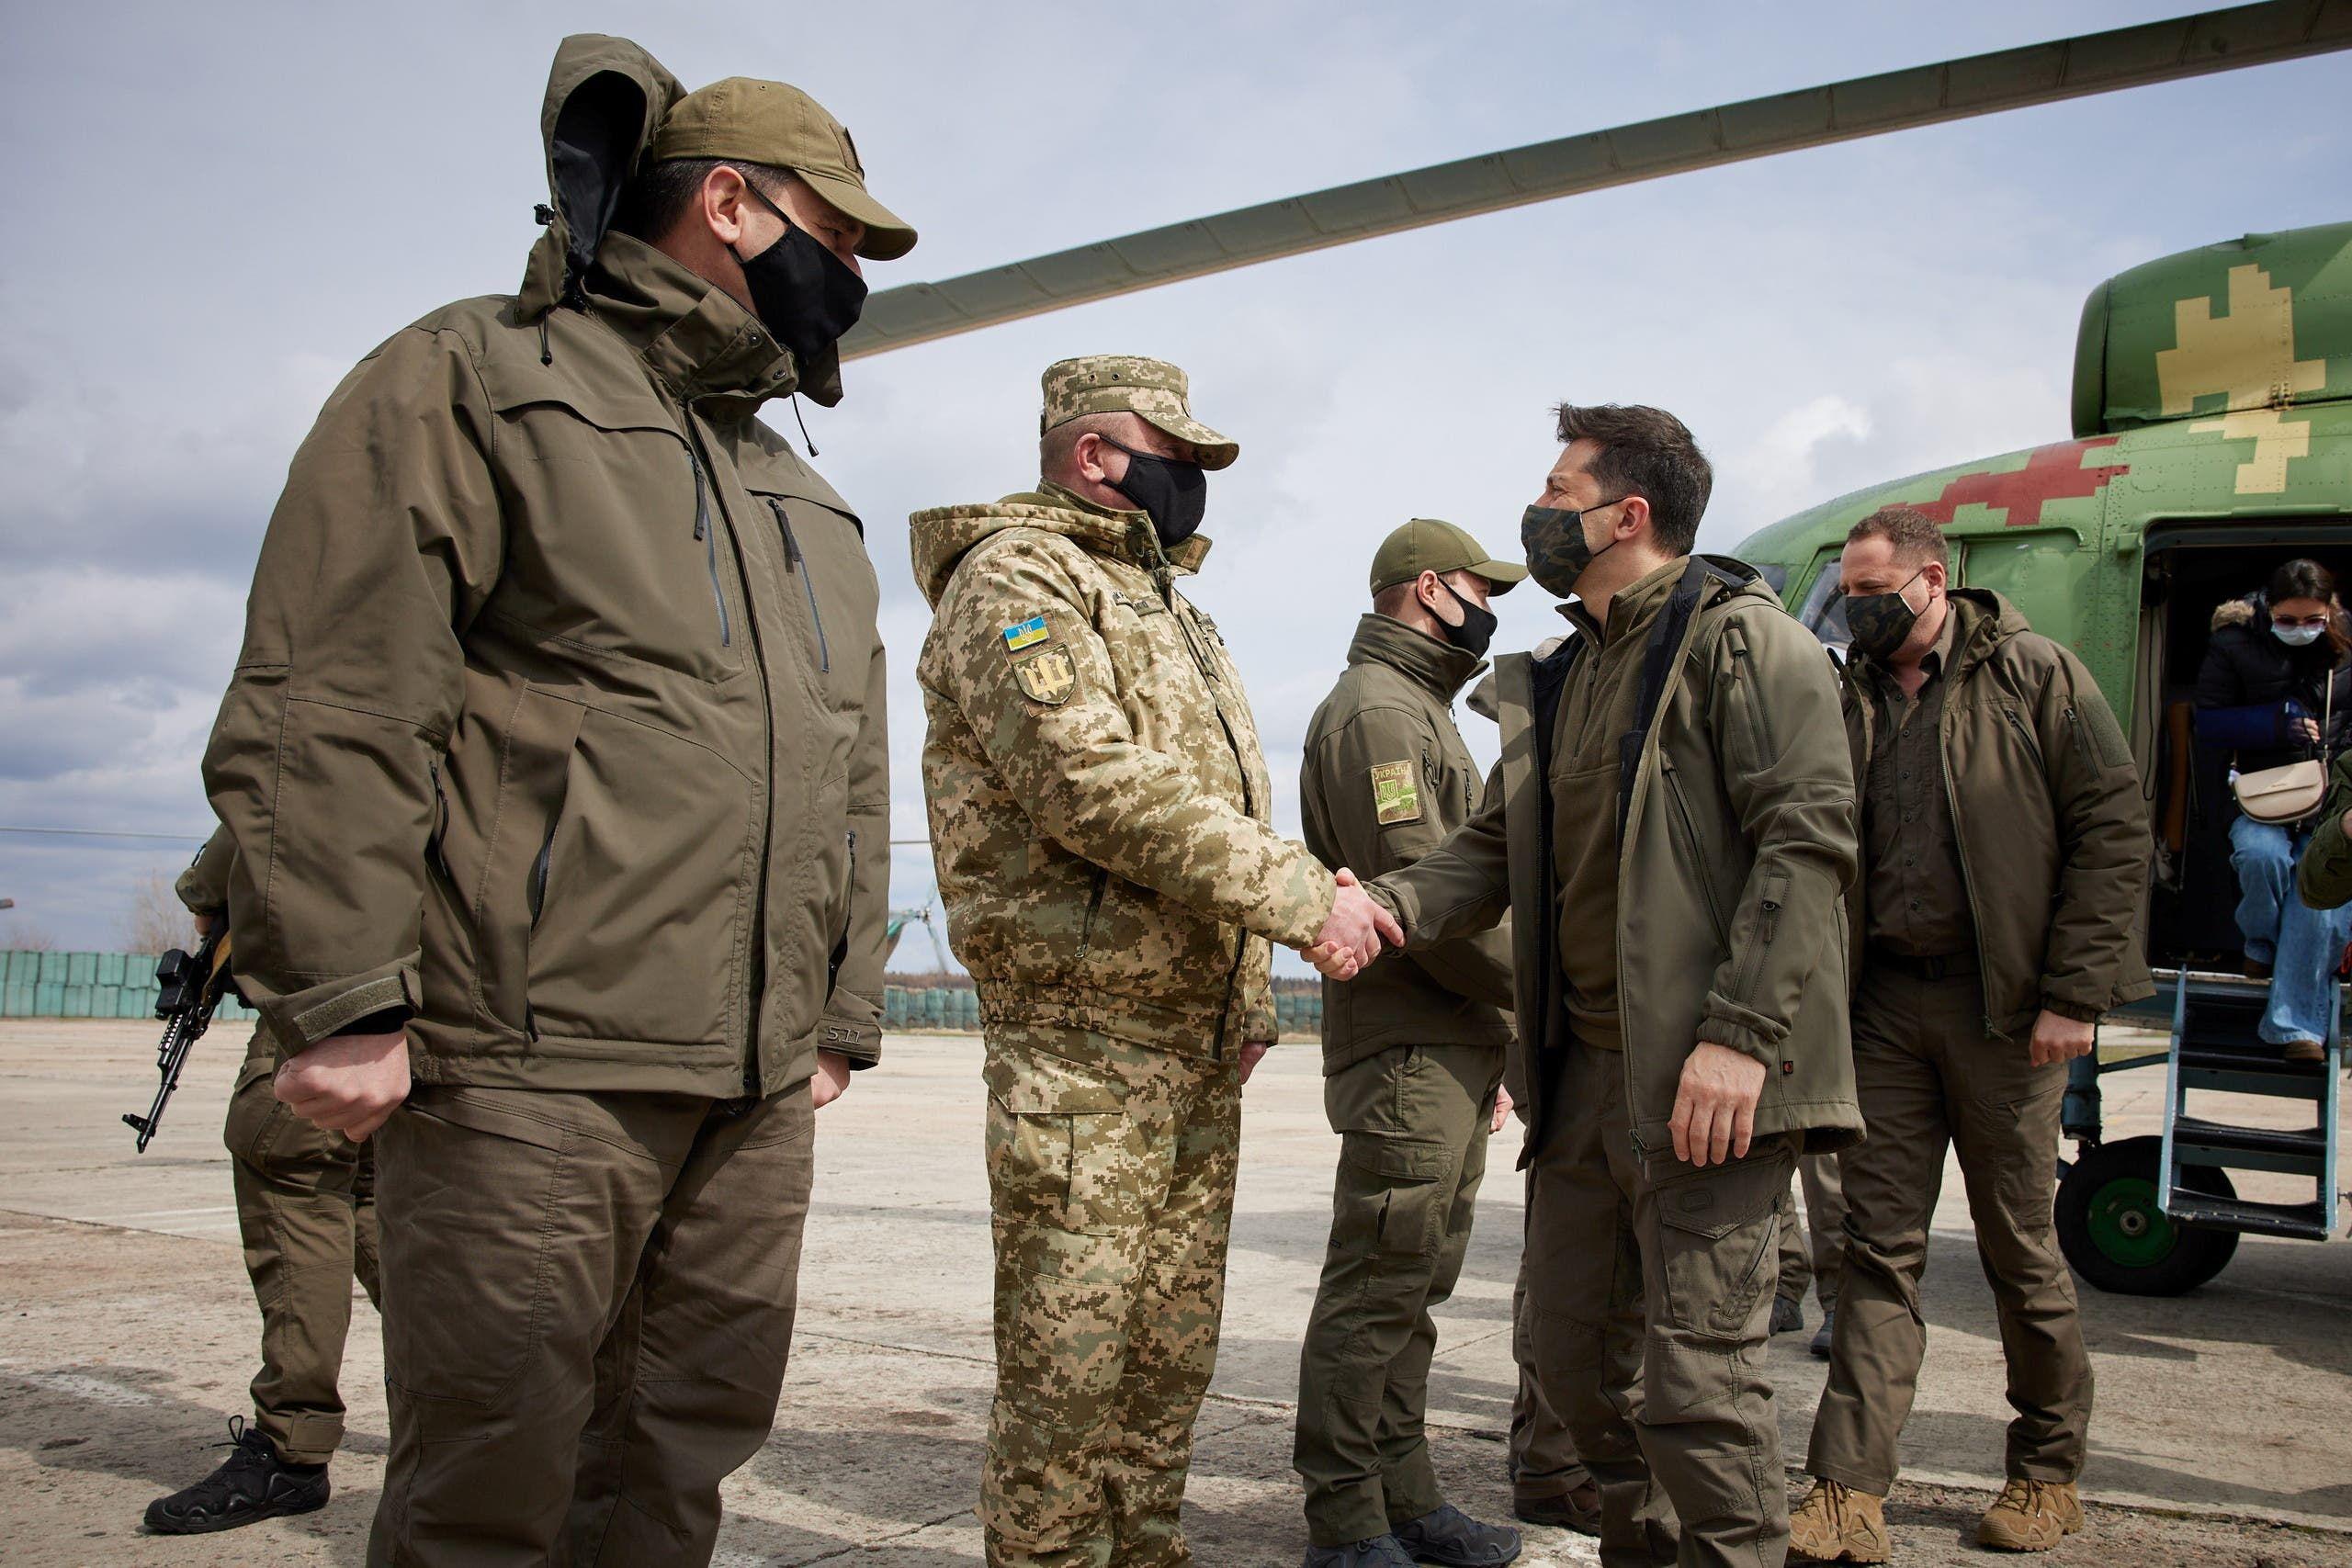 الرئيس الأوكراني فولوديمير زيلينسكي يزور جبهات القتال في دونباس